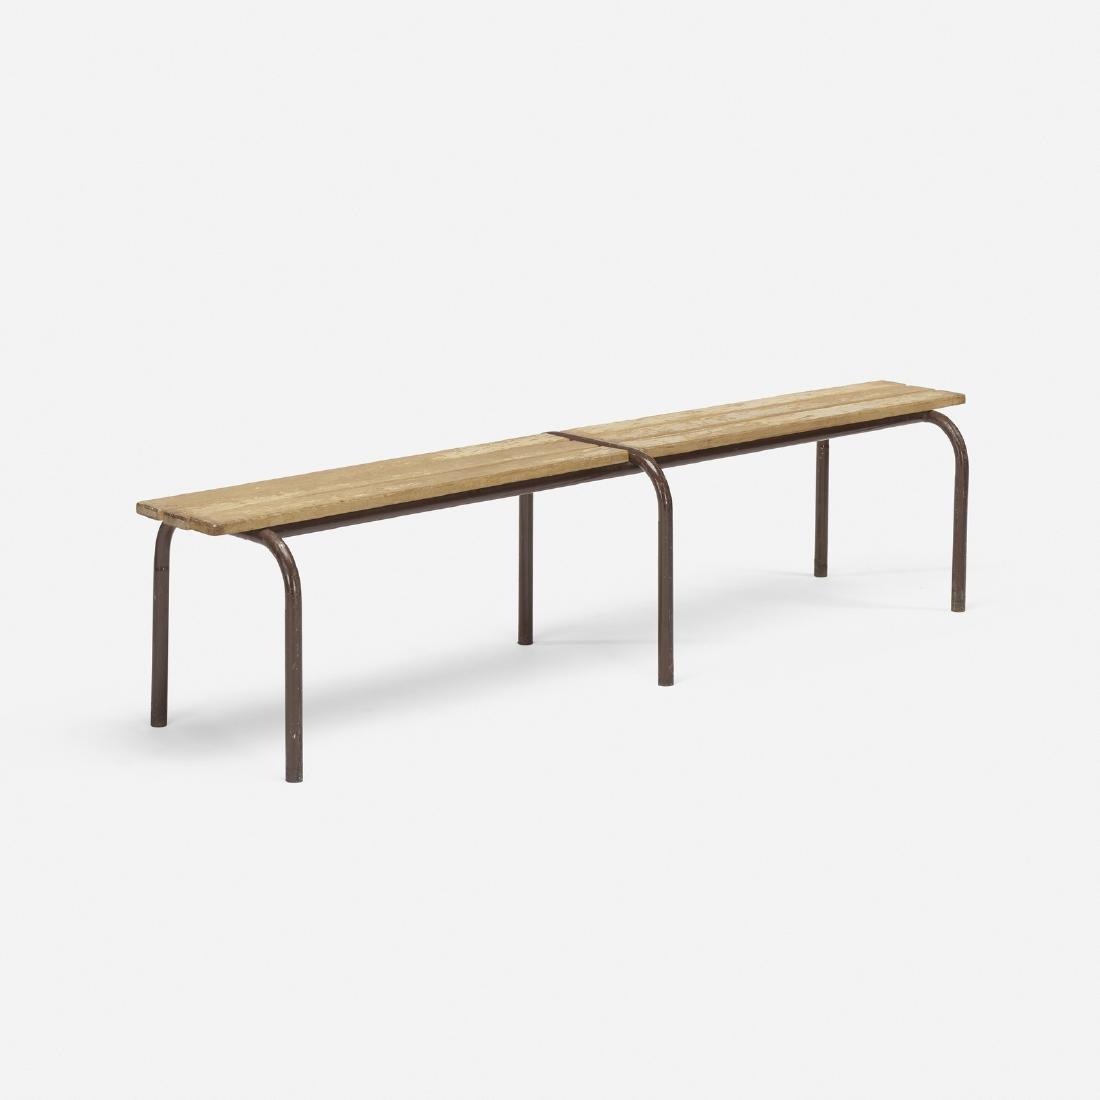 French, bench